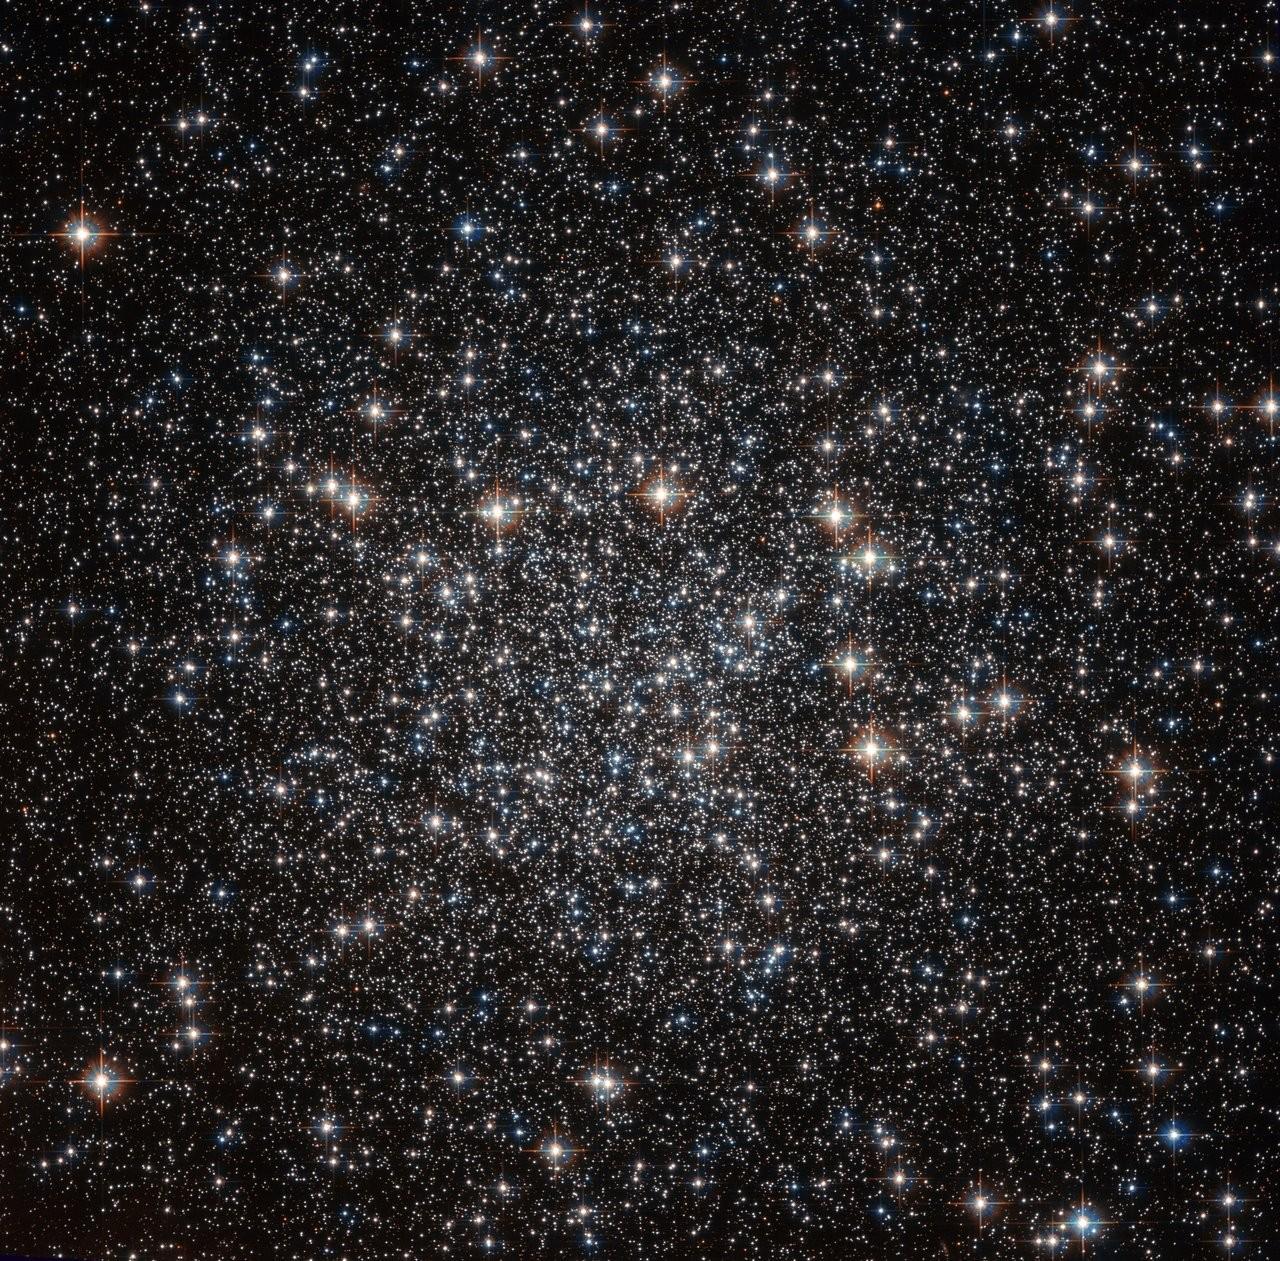 Телескоп Hubble сделал кадры самых старинных звезд Млечного Пути